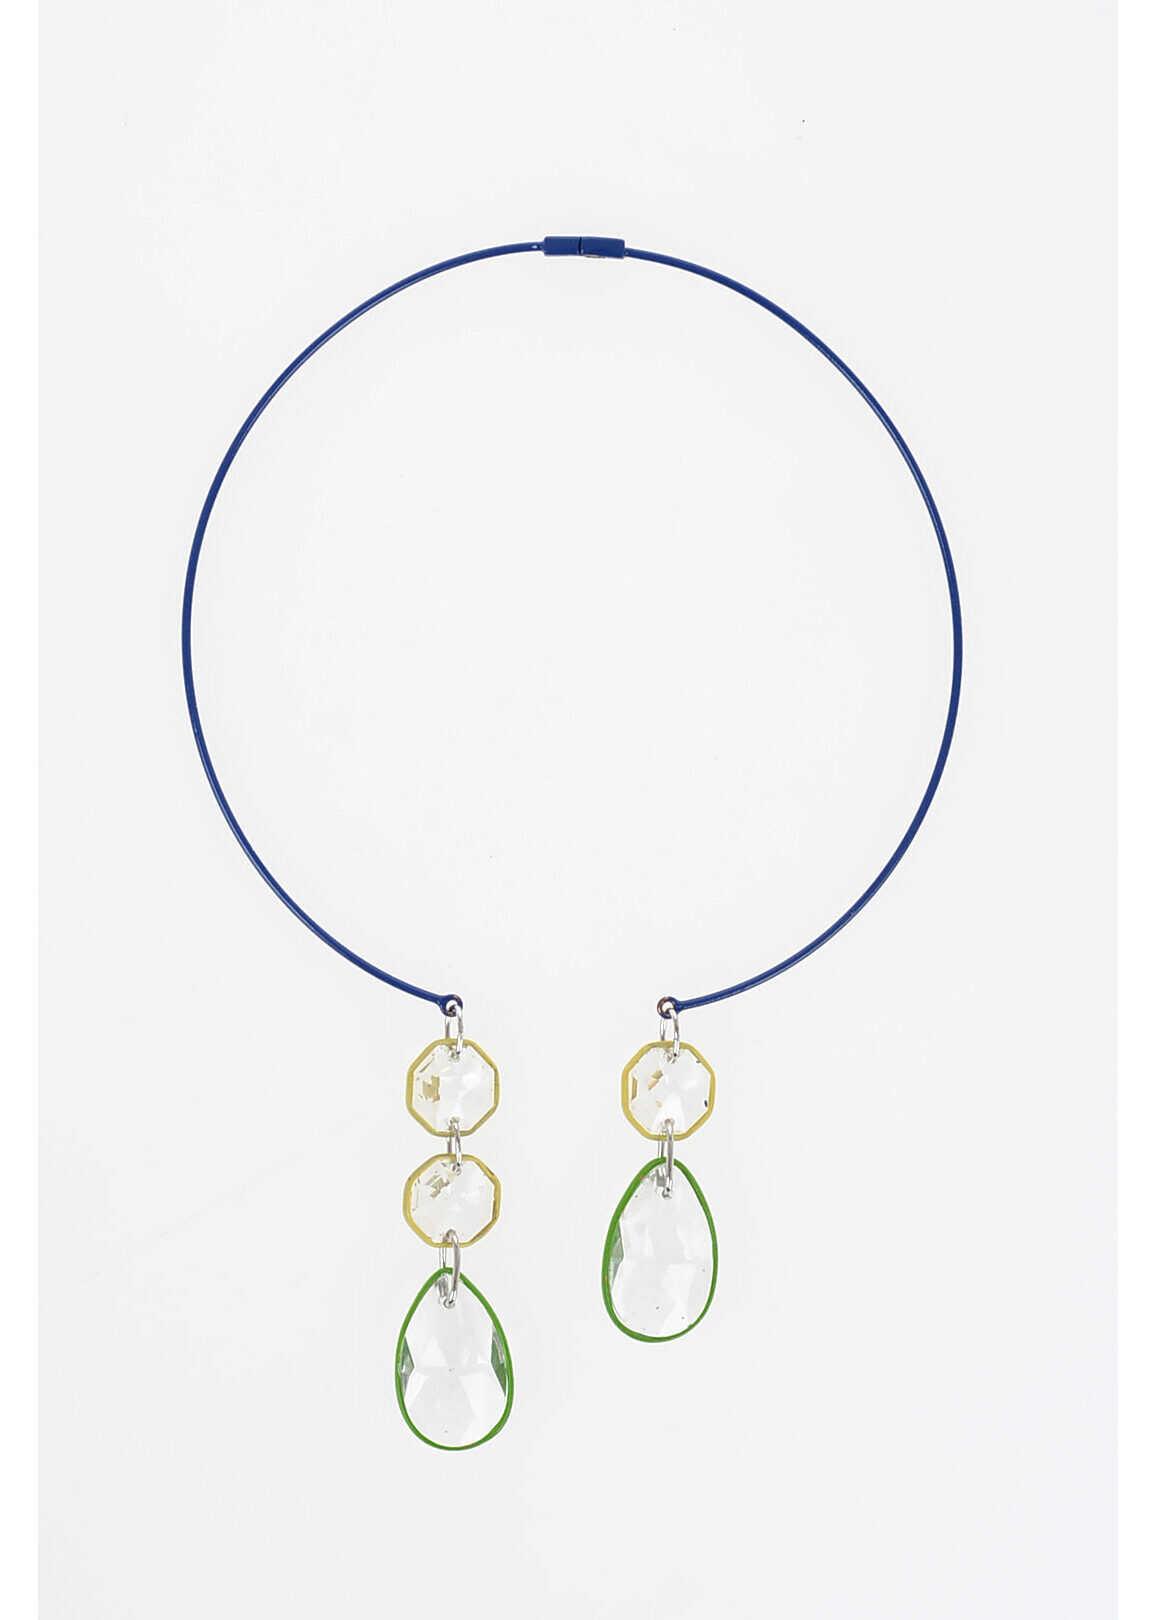 Poza Maison Margiela MM11 Necklace with Pendant BLUE